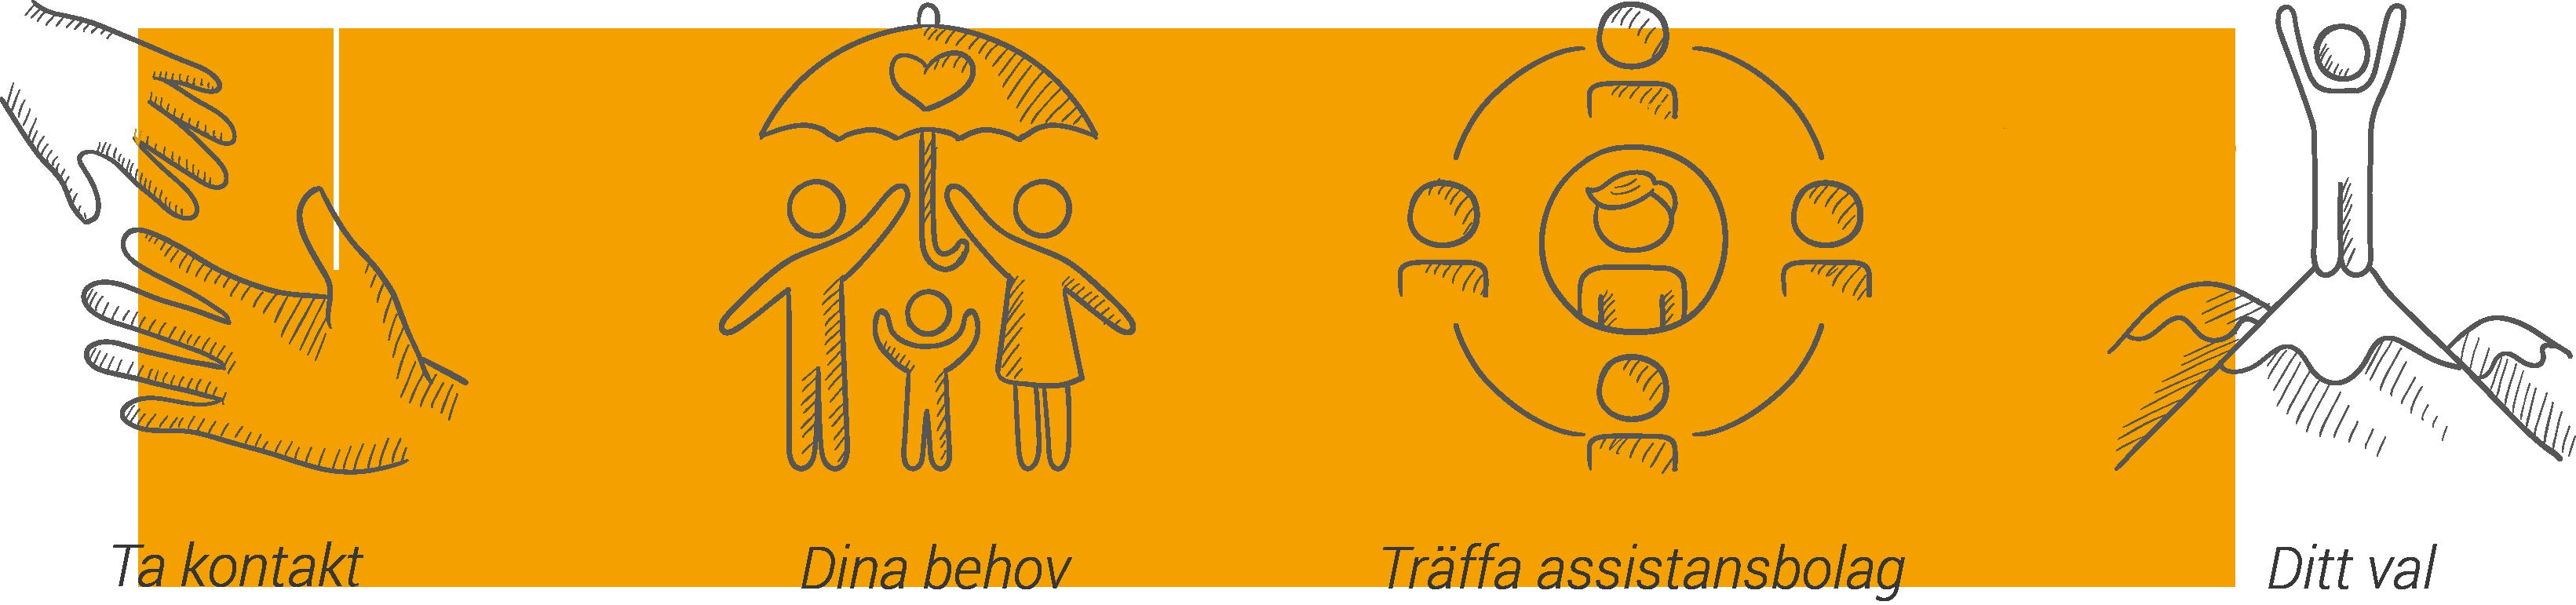 illustration-af2